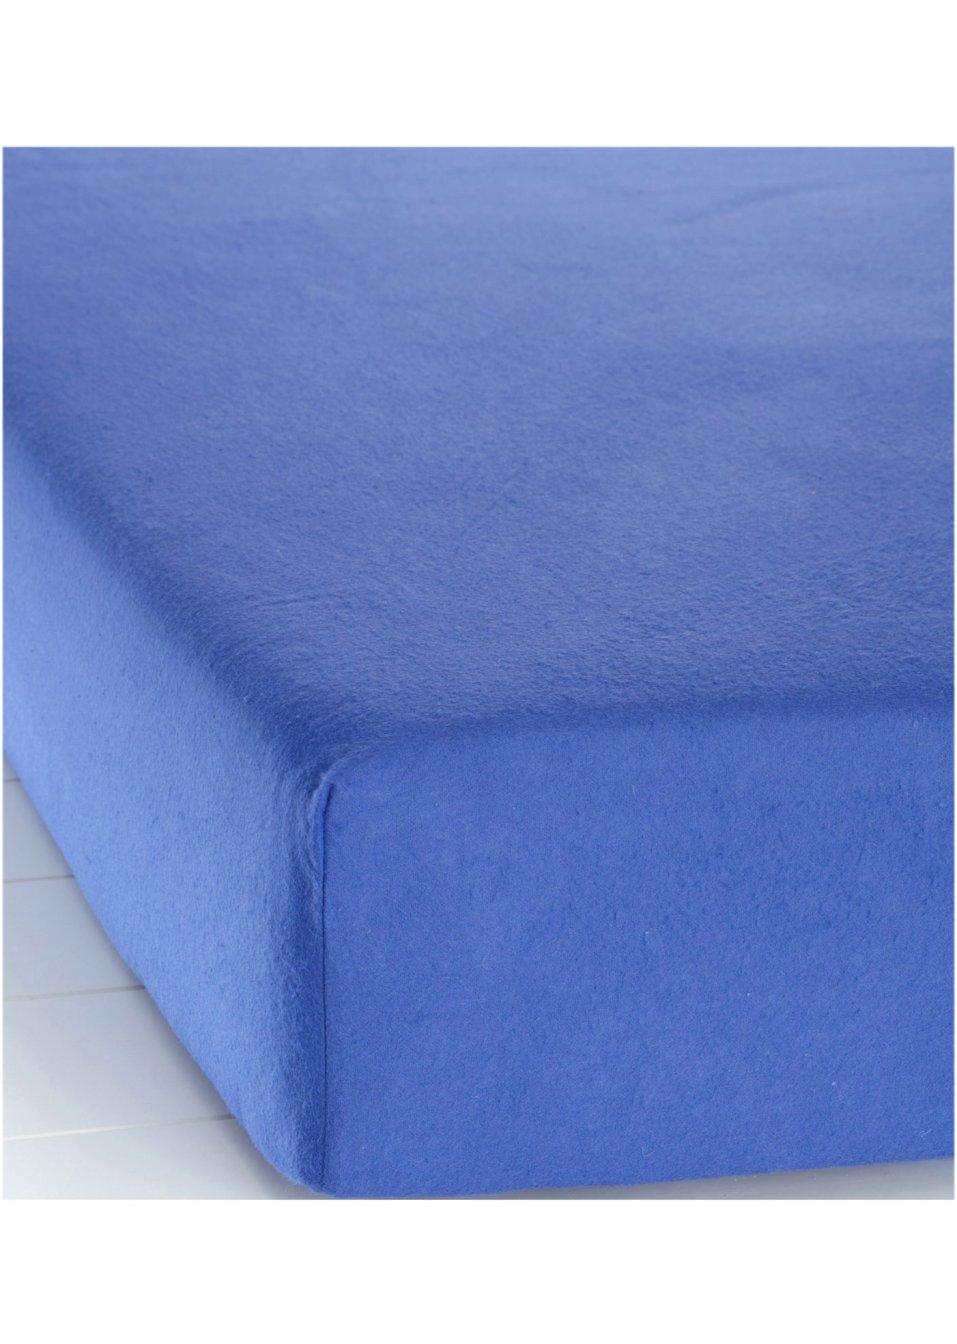 Drap housse flanelle bleu bpc living for Draps housse flanelle